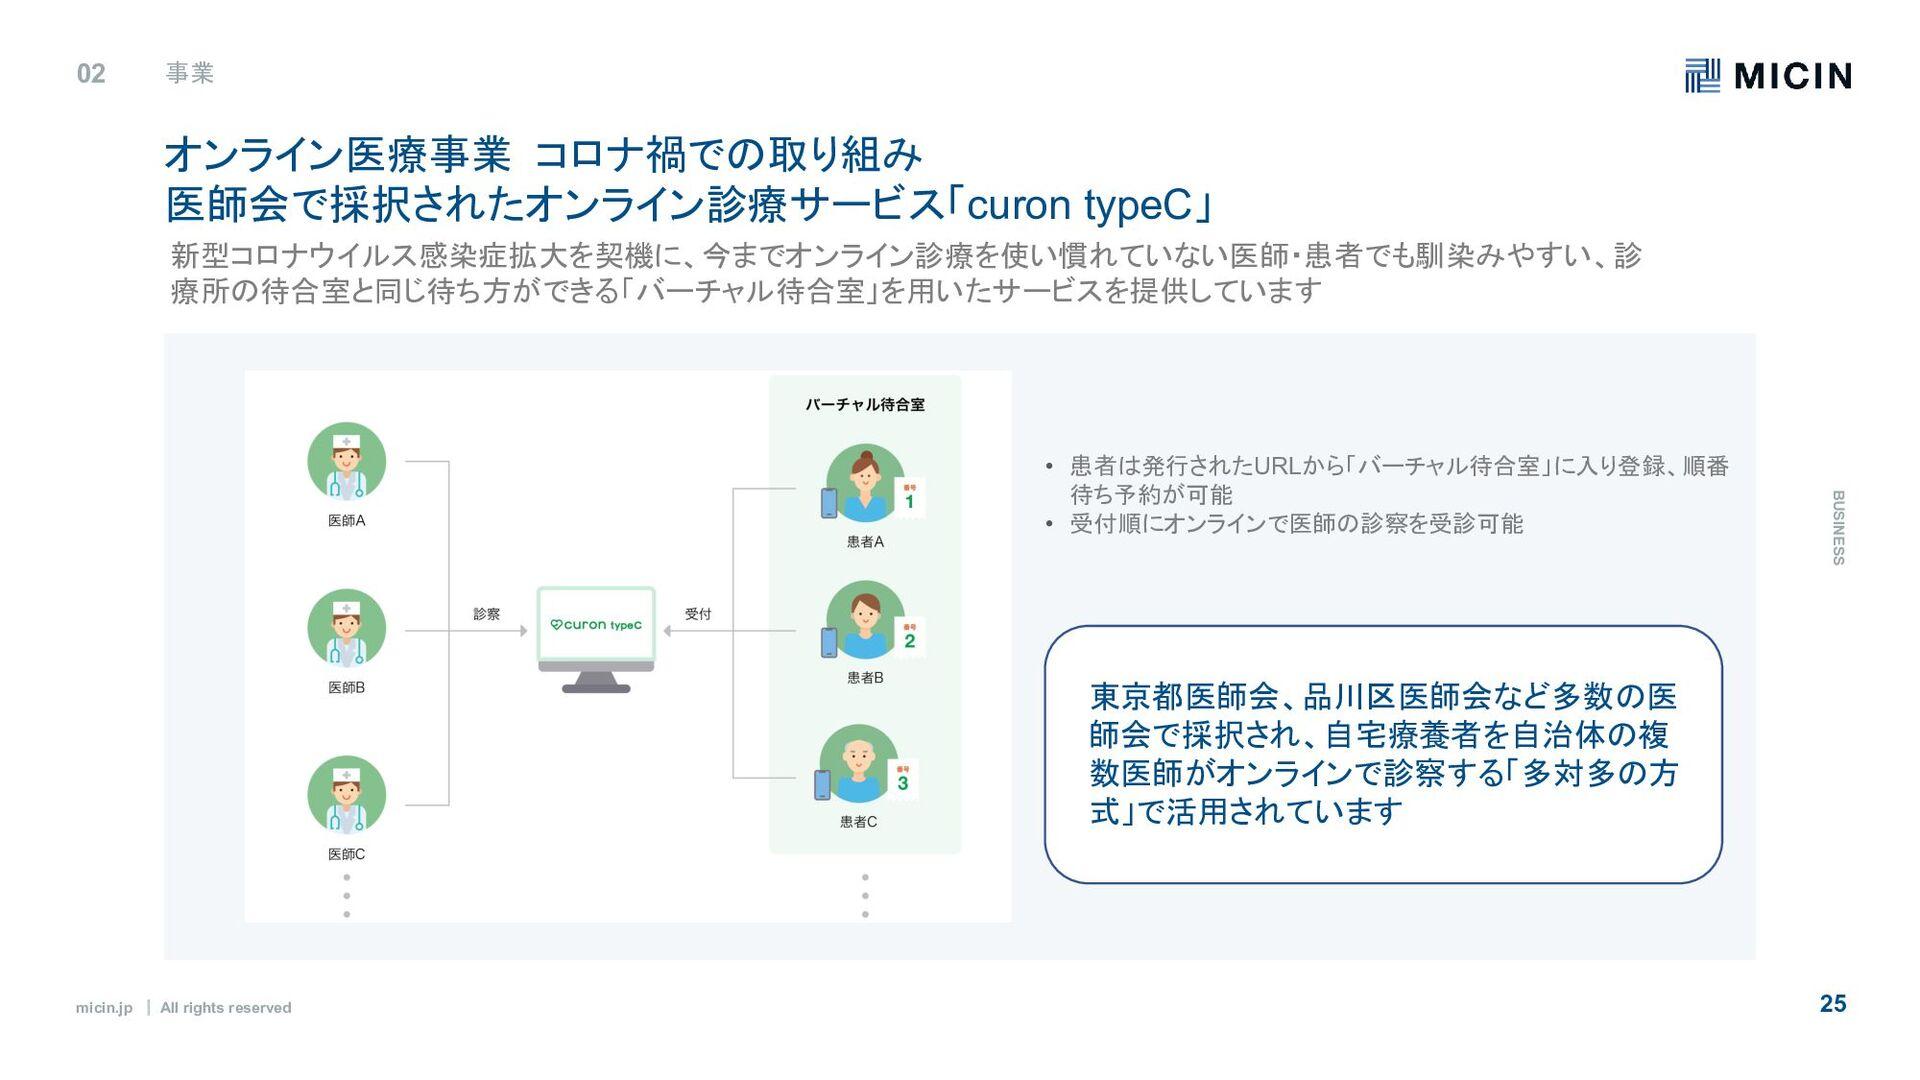 micin.jp ʛ All rights reserved 25 02 事業 B U S I...